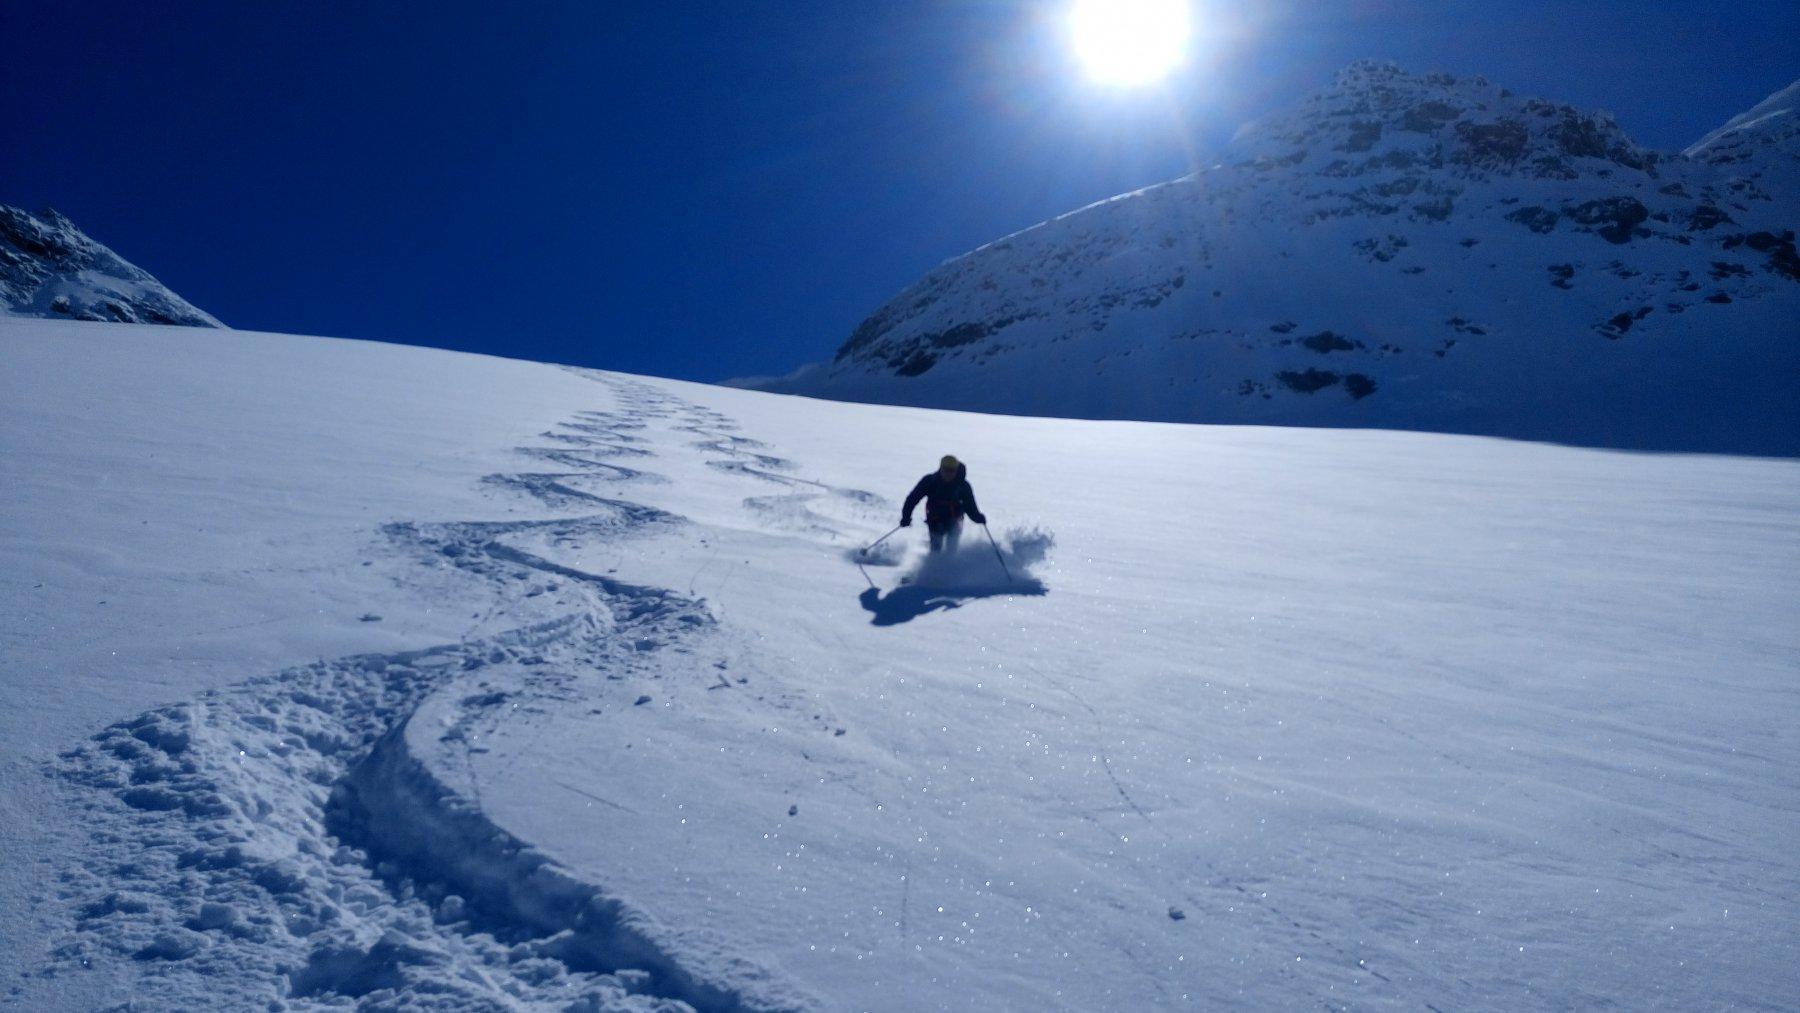 Sul ghiacciaio Fulvio spettacolo